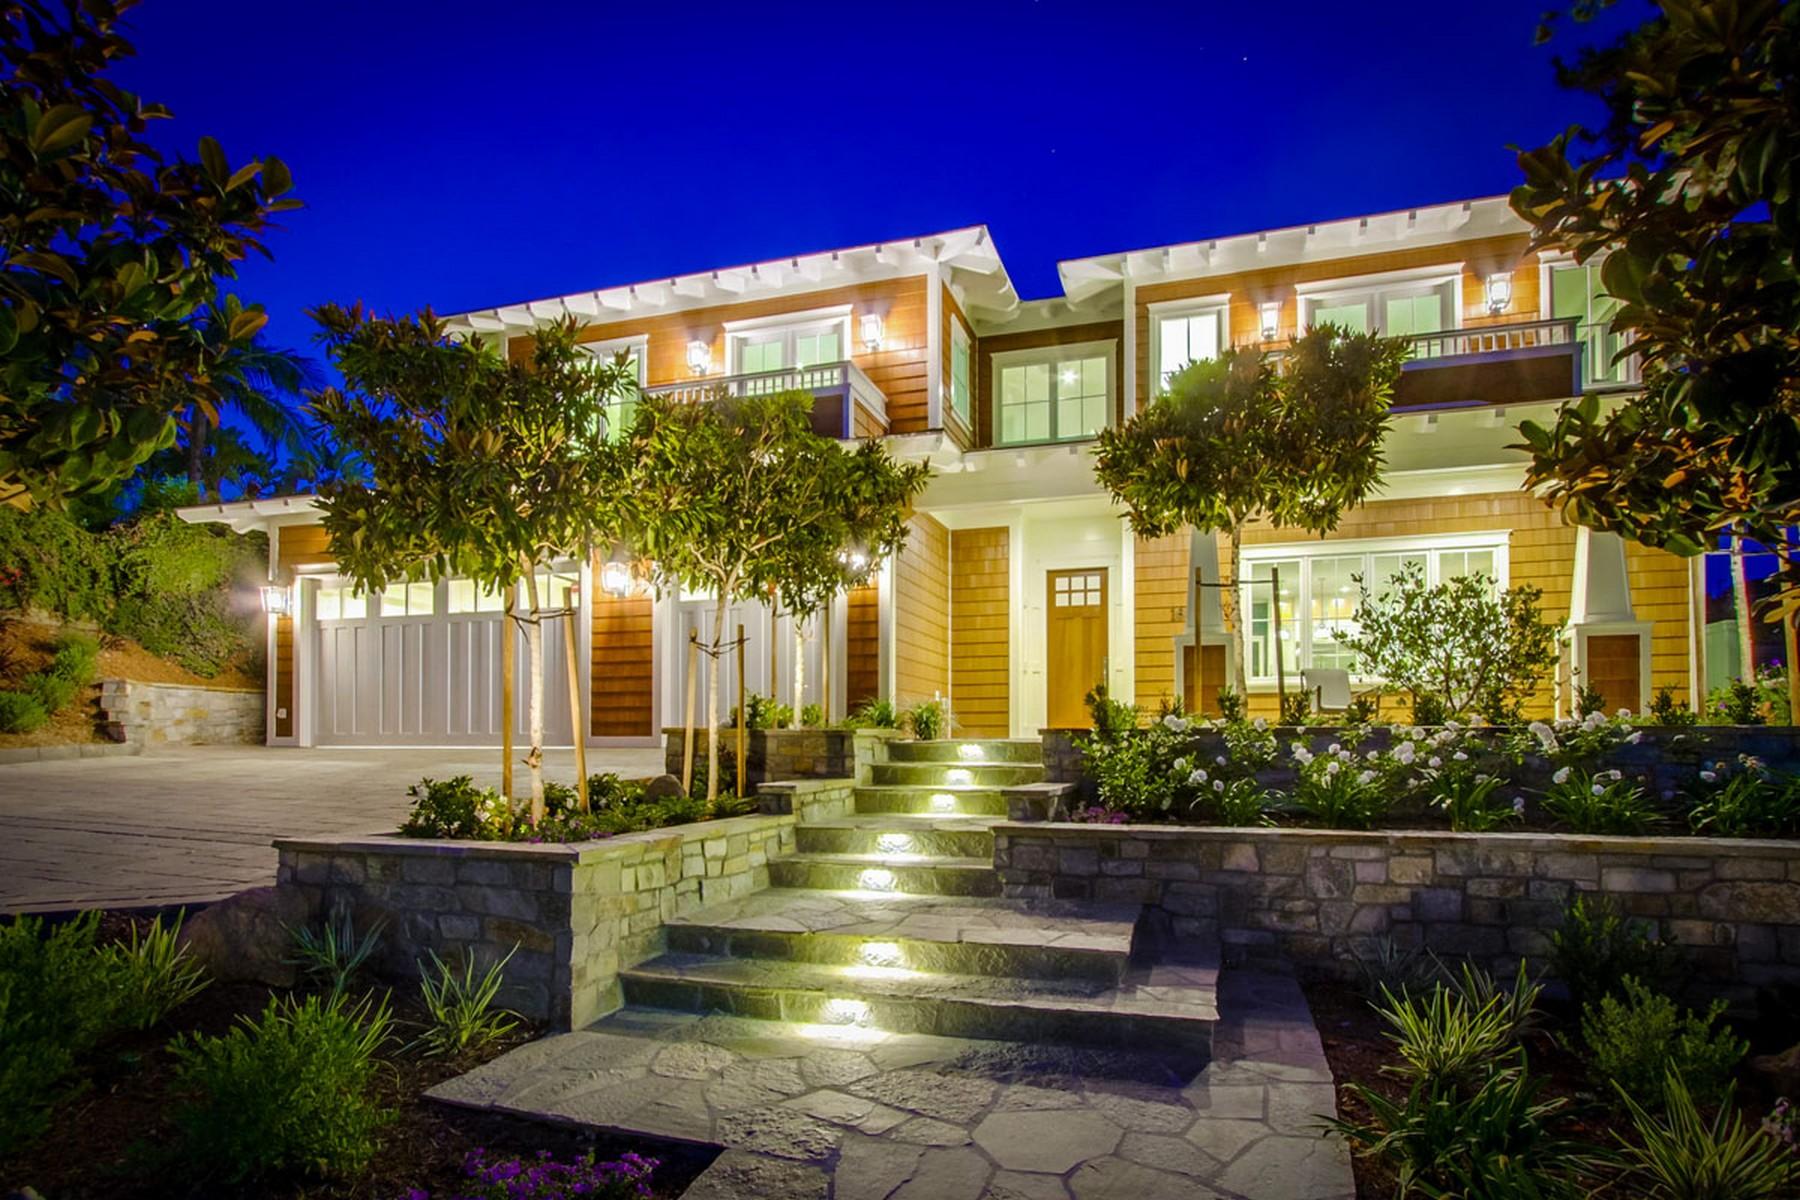 단독 가정 주택 용 매매 에 1685 Marisma Way La Jolla, 캘리포니아, 92037 미국